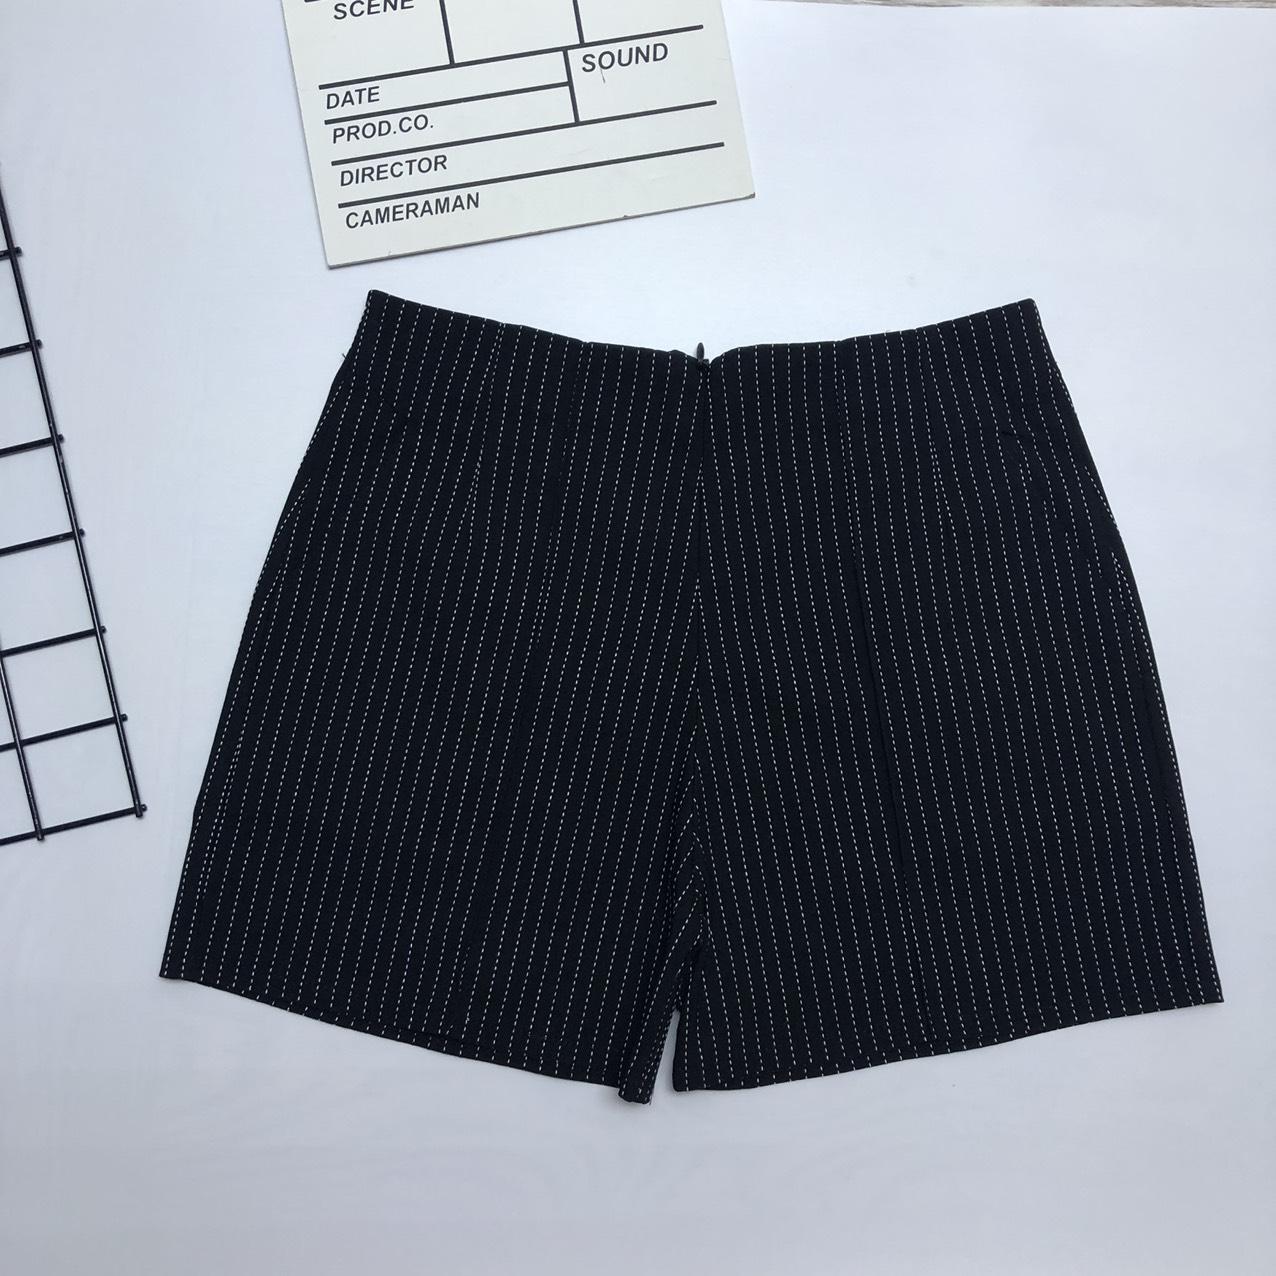 Quần short nữ kaki lưng cao co dãn đủ size ( hình tự chụp )